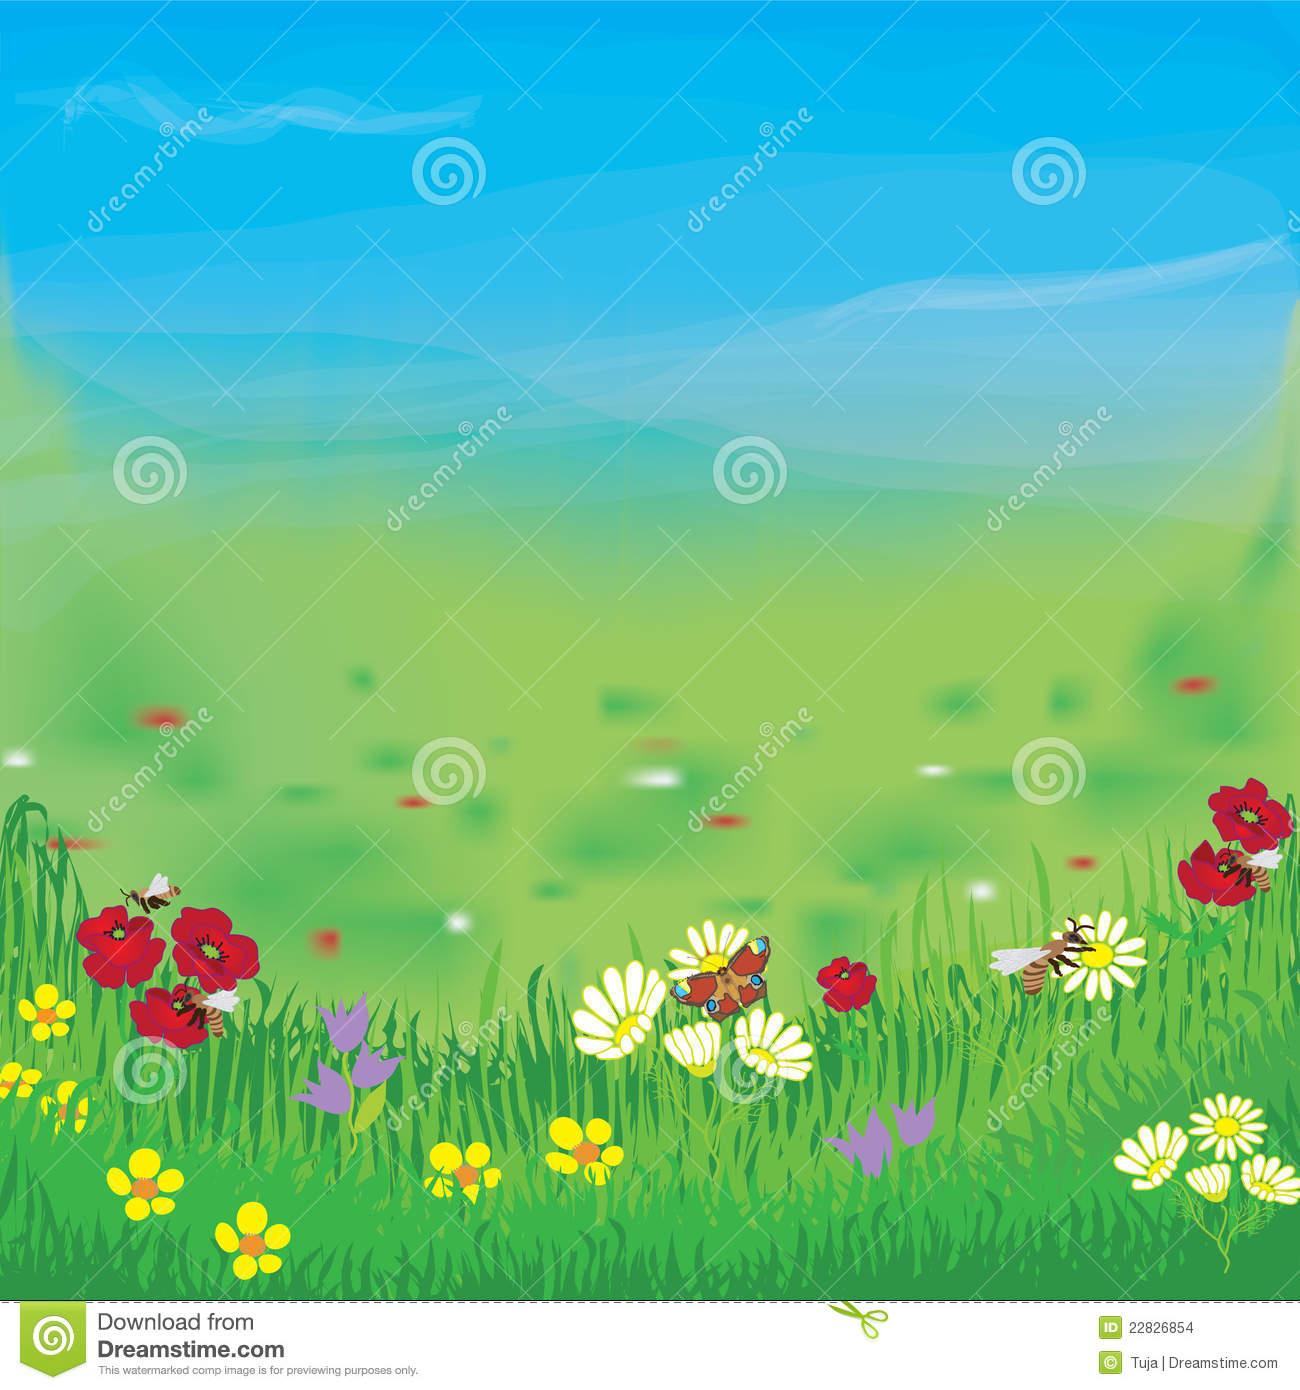 Verschönern Sie Mit Wiese, Gras, Blumen, Himmel Und Nebel.